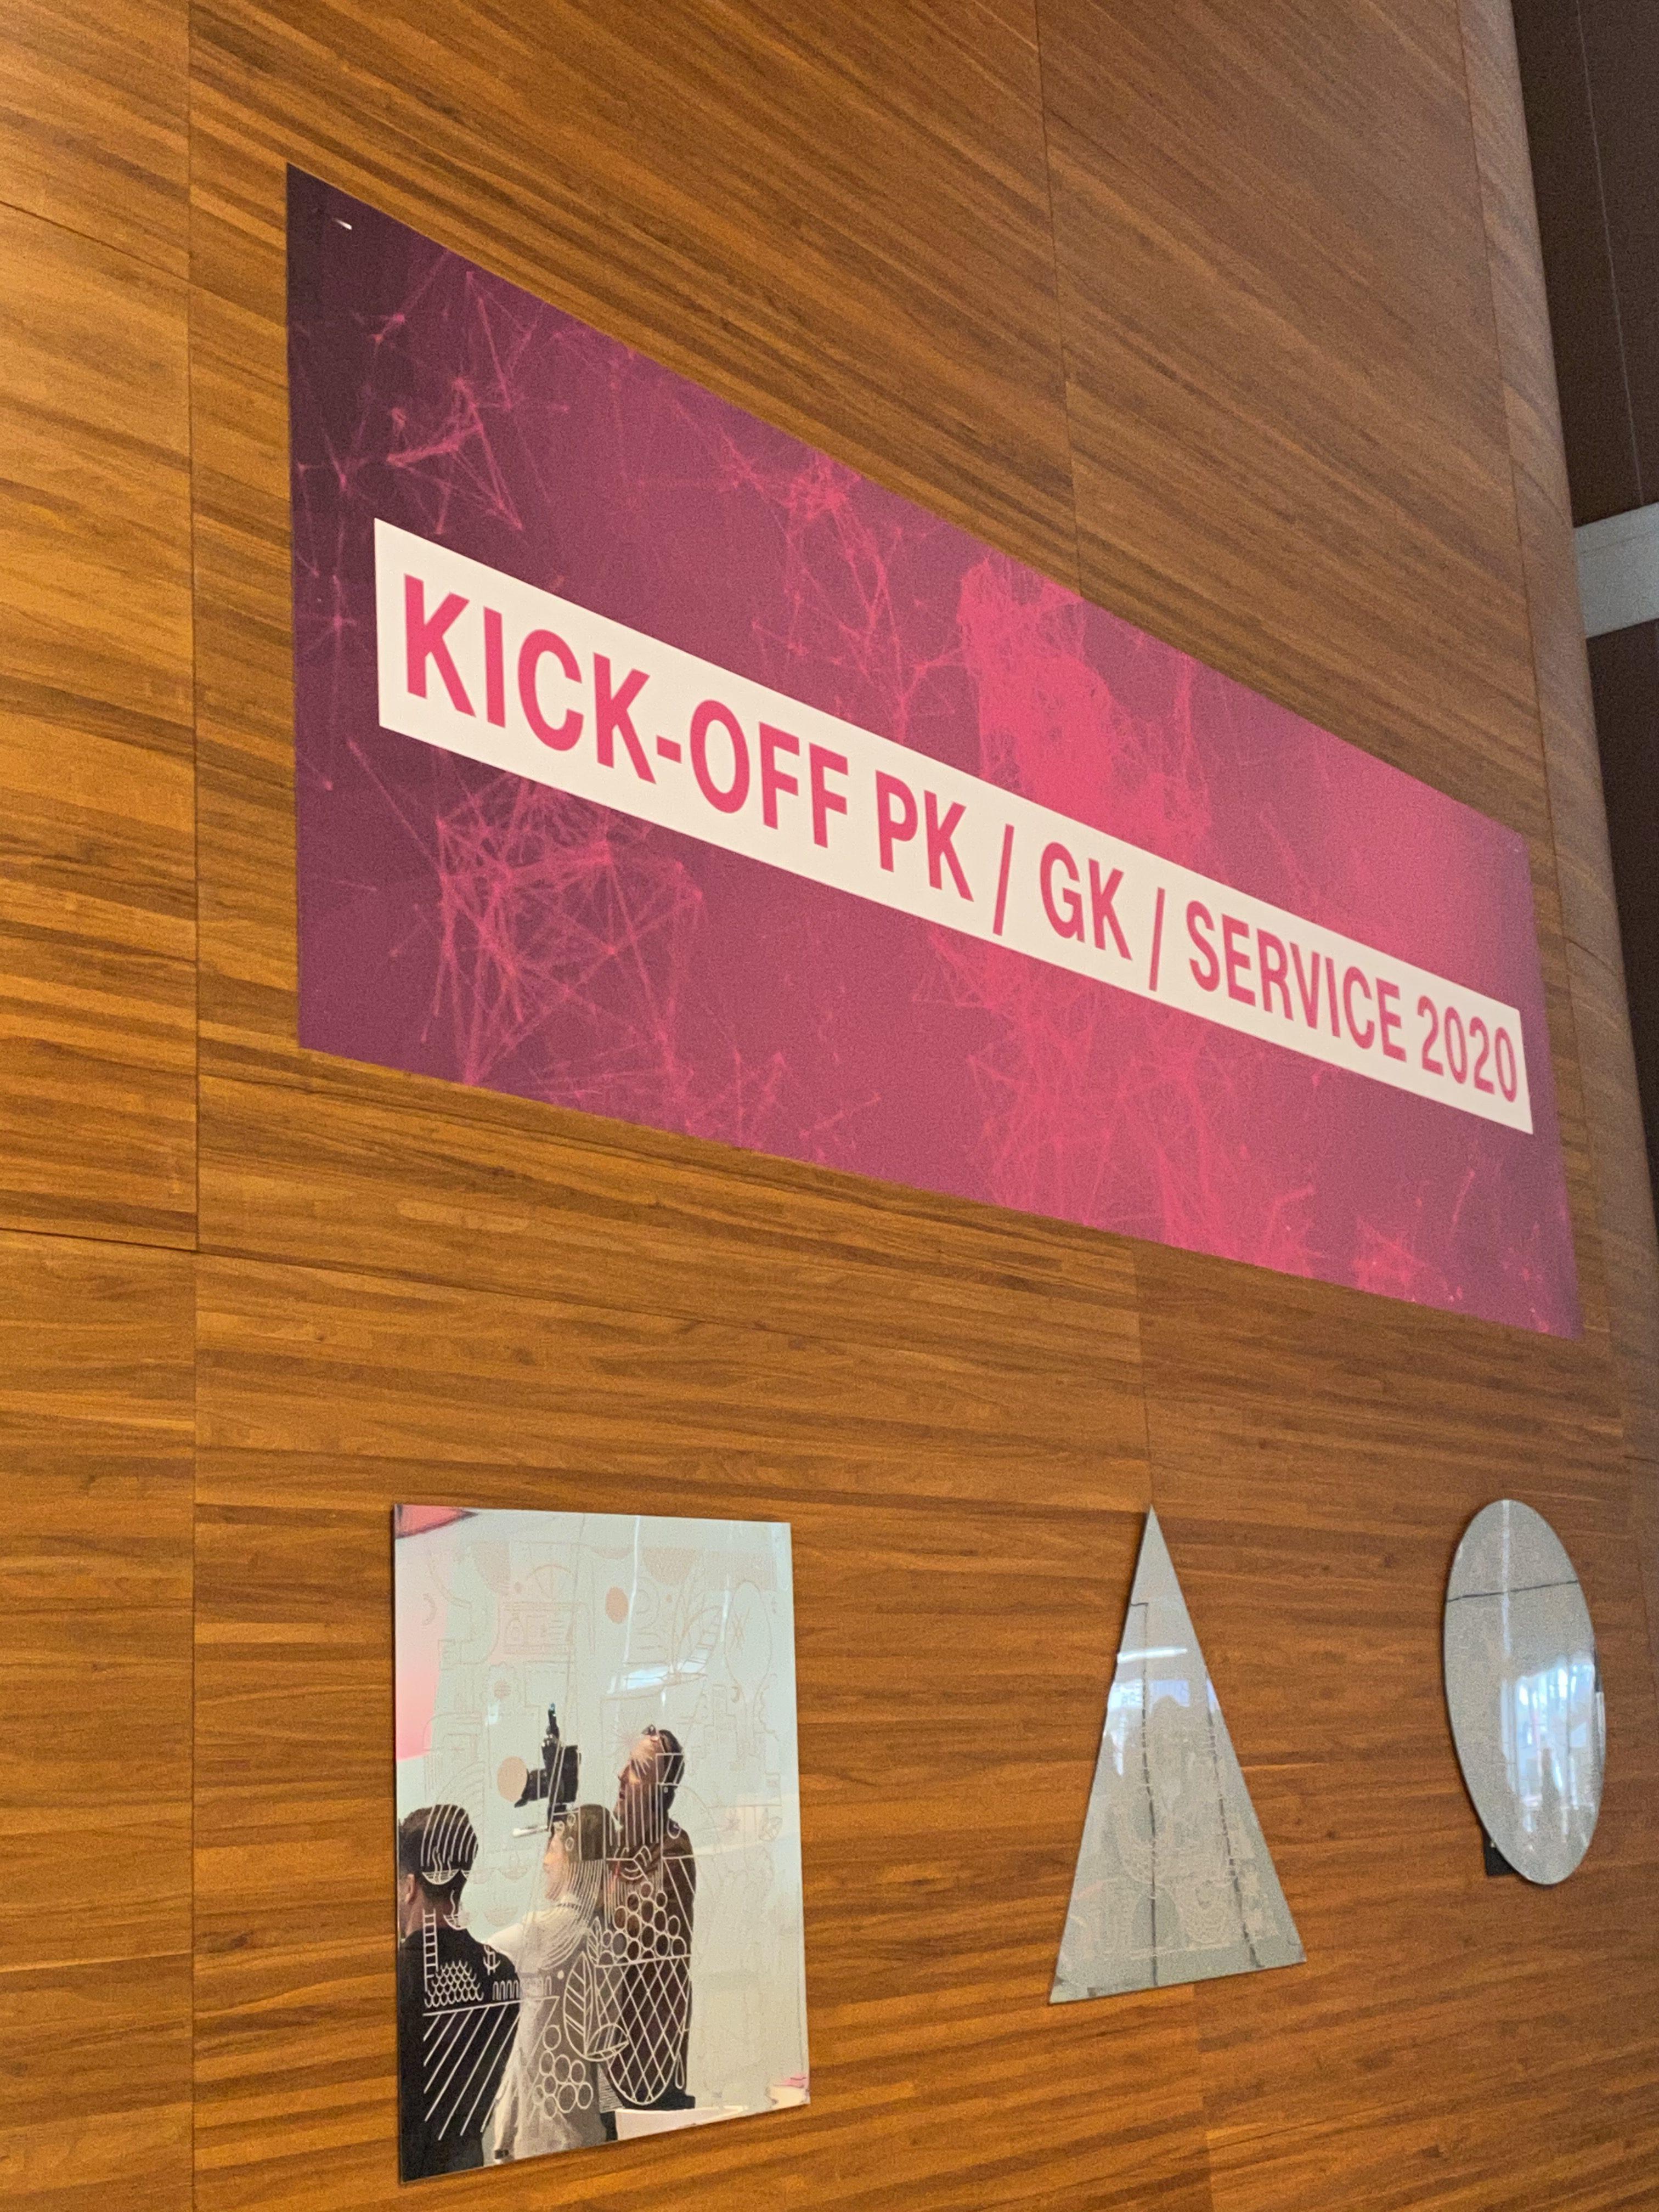 Telekom Kick-Off PK / GK / Service – Bonn 2020